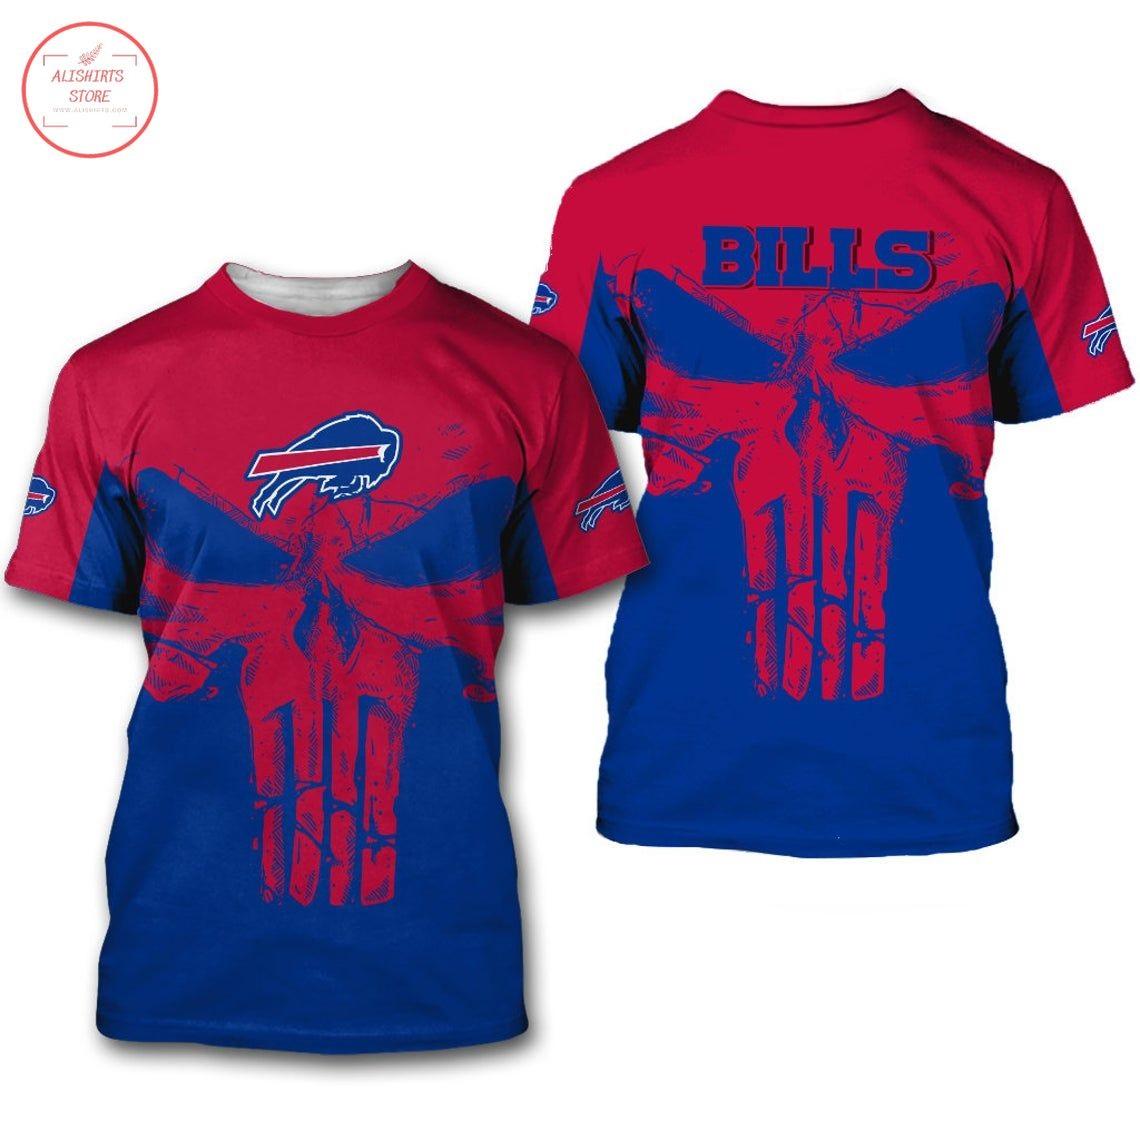 Buffalo Bills NFL Punisher Skull Shirt